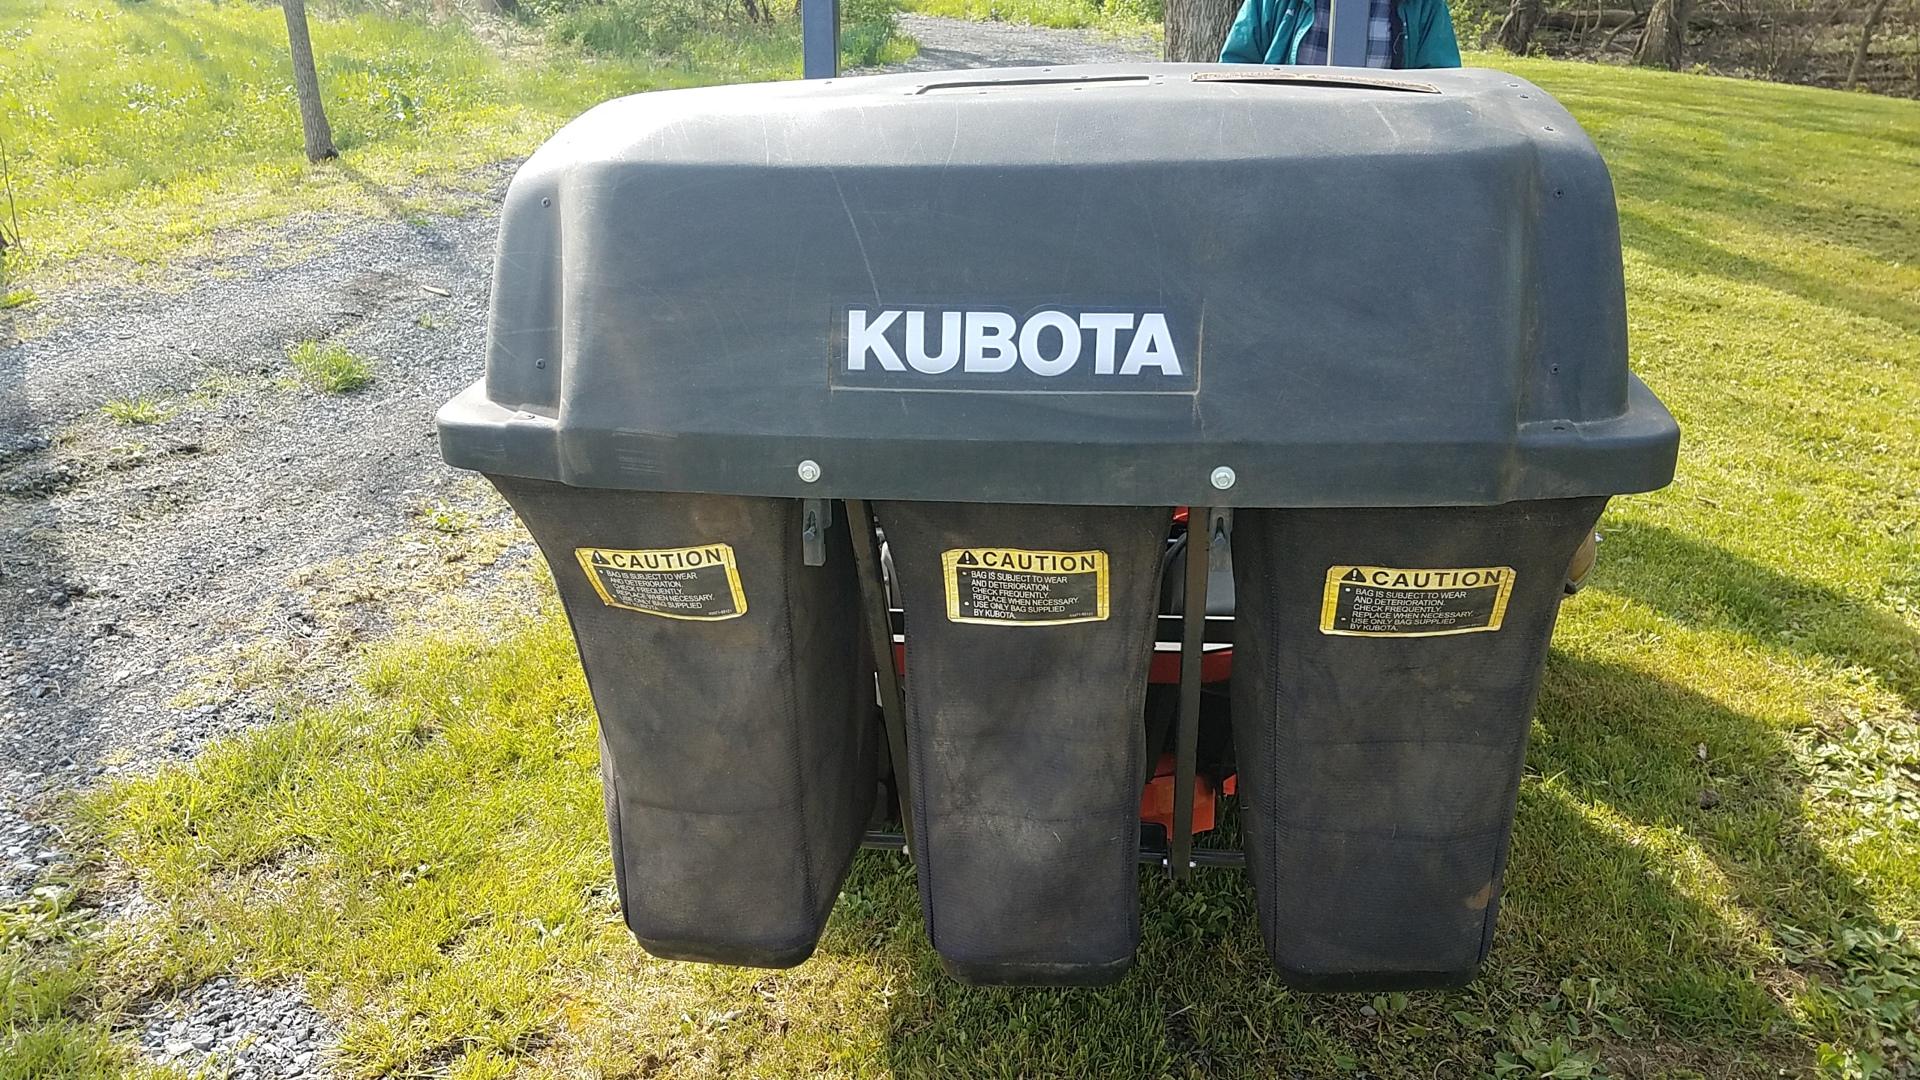 Used KUBOTA Z726XKW60 $8,499.00